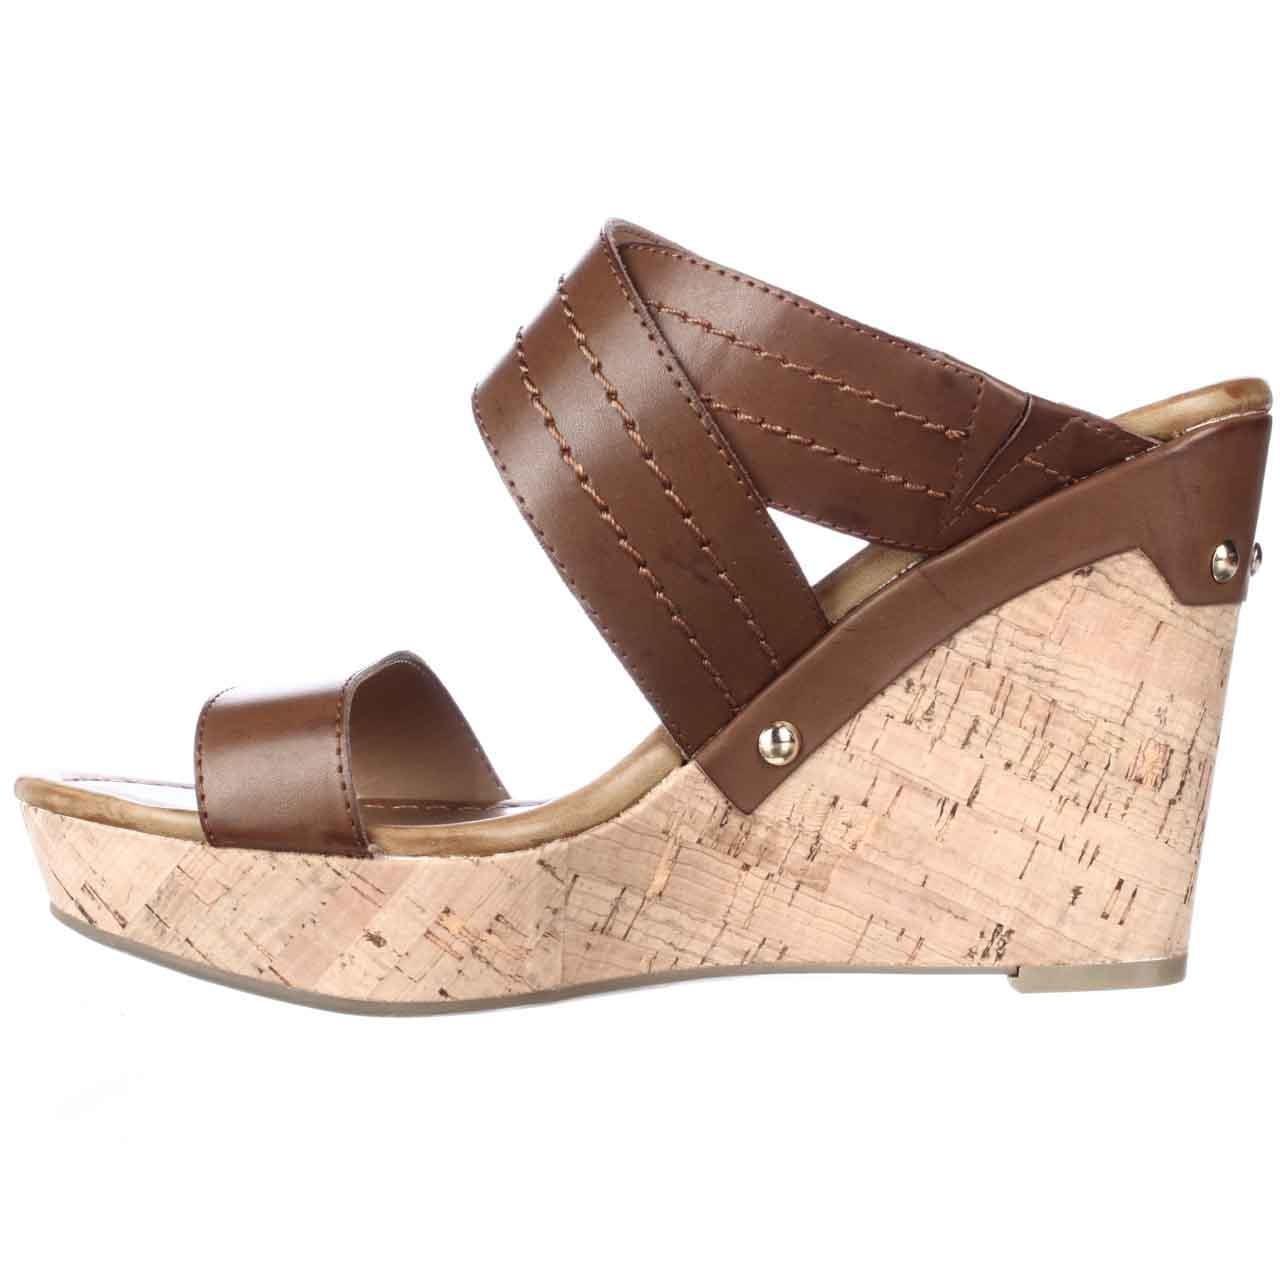 tommy hilfiger mili2 slide wedge platform sandals in brown lyst. Black Bedroom Furniture Sets. Home Design Ideas